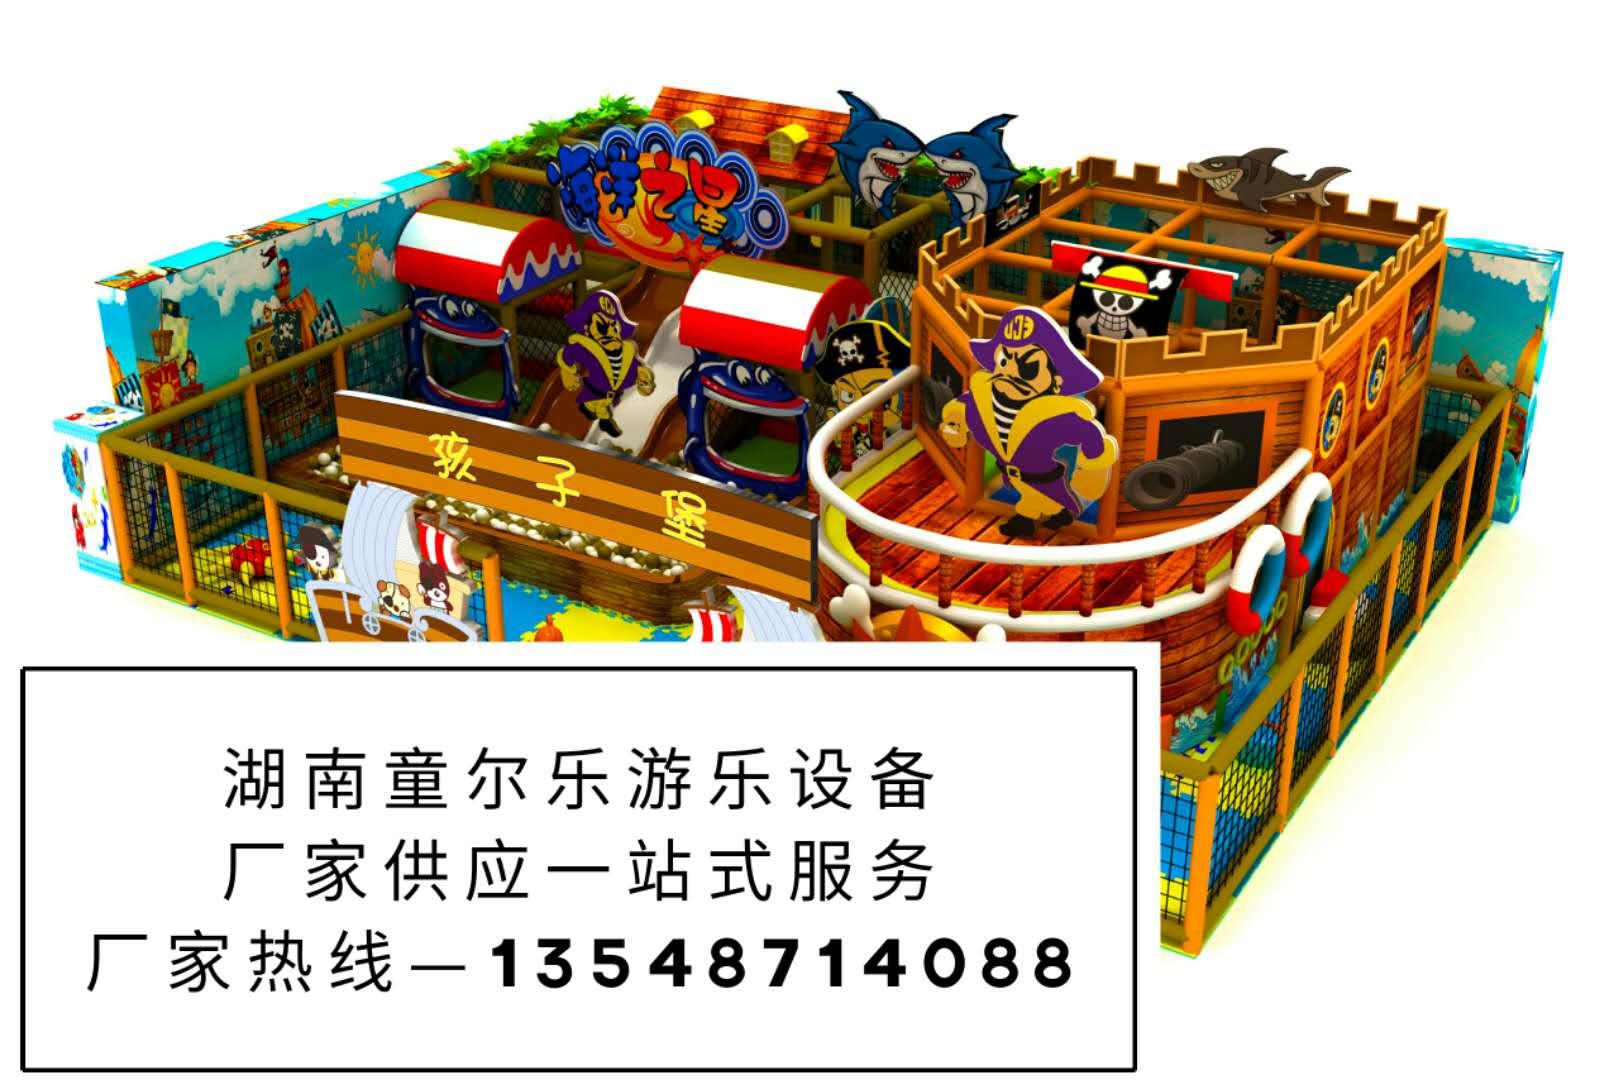 长沙儿童乐园厂家 长沙儿童乐园加盟 长沙室内儿童乐园